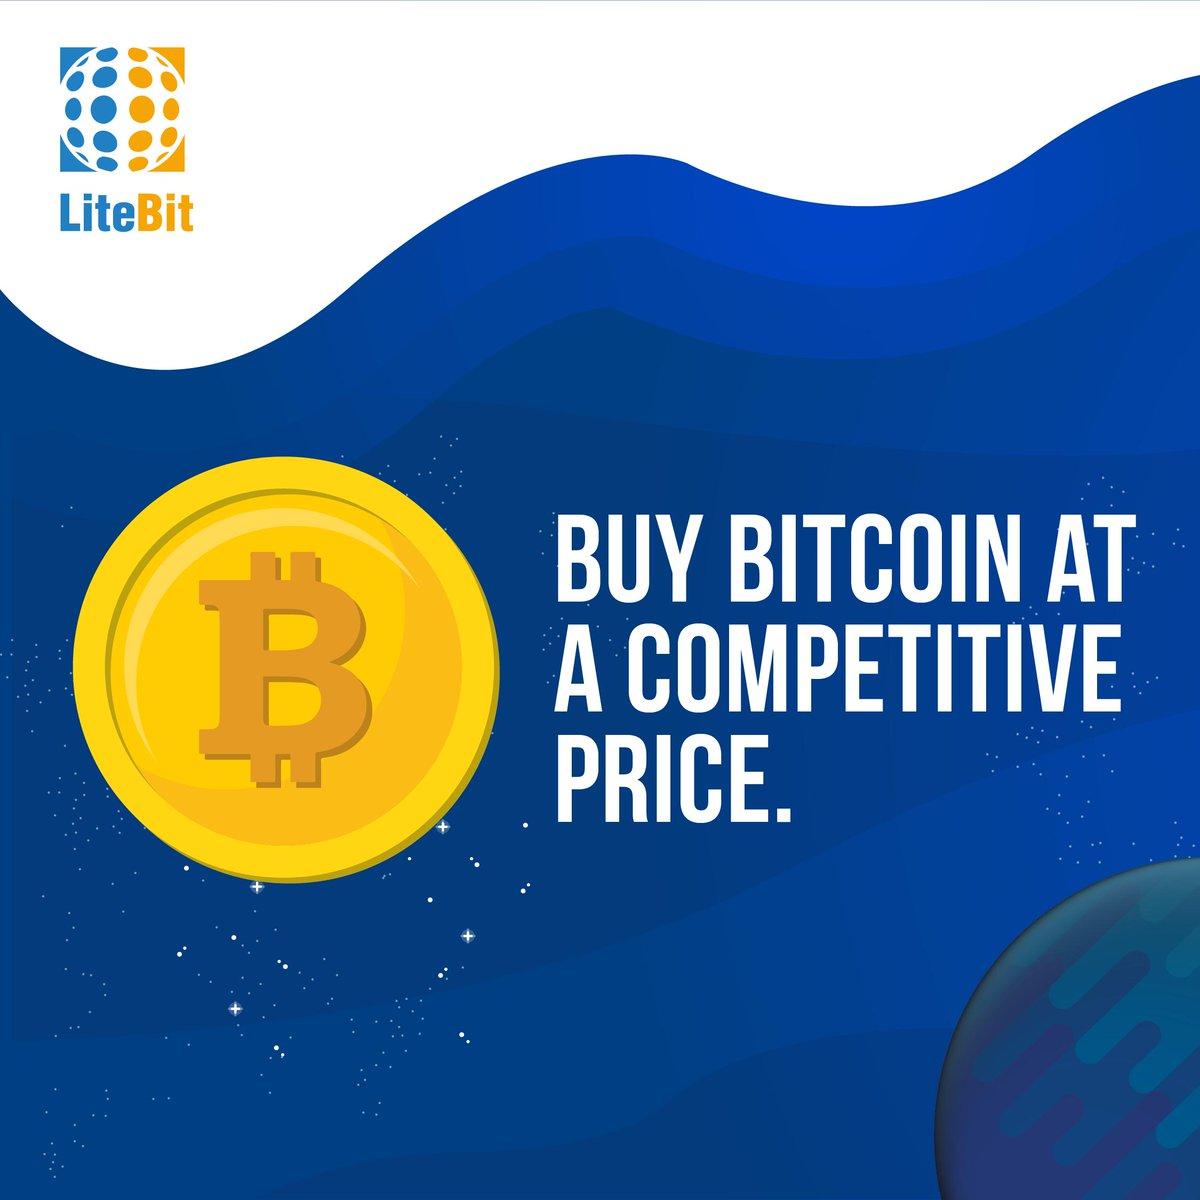 litebit exchange bitcoin